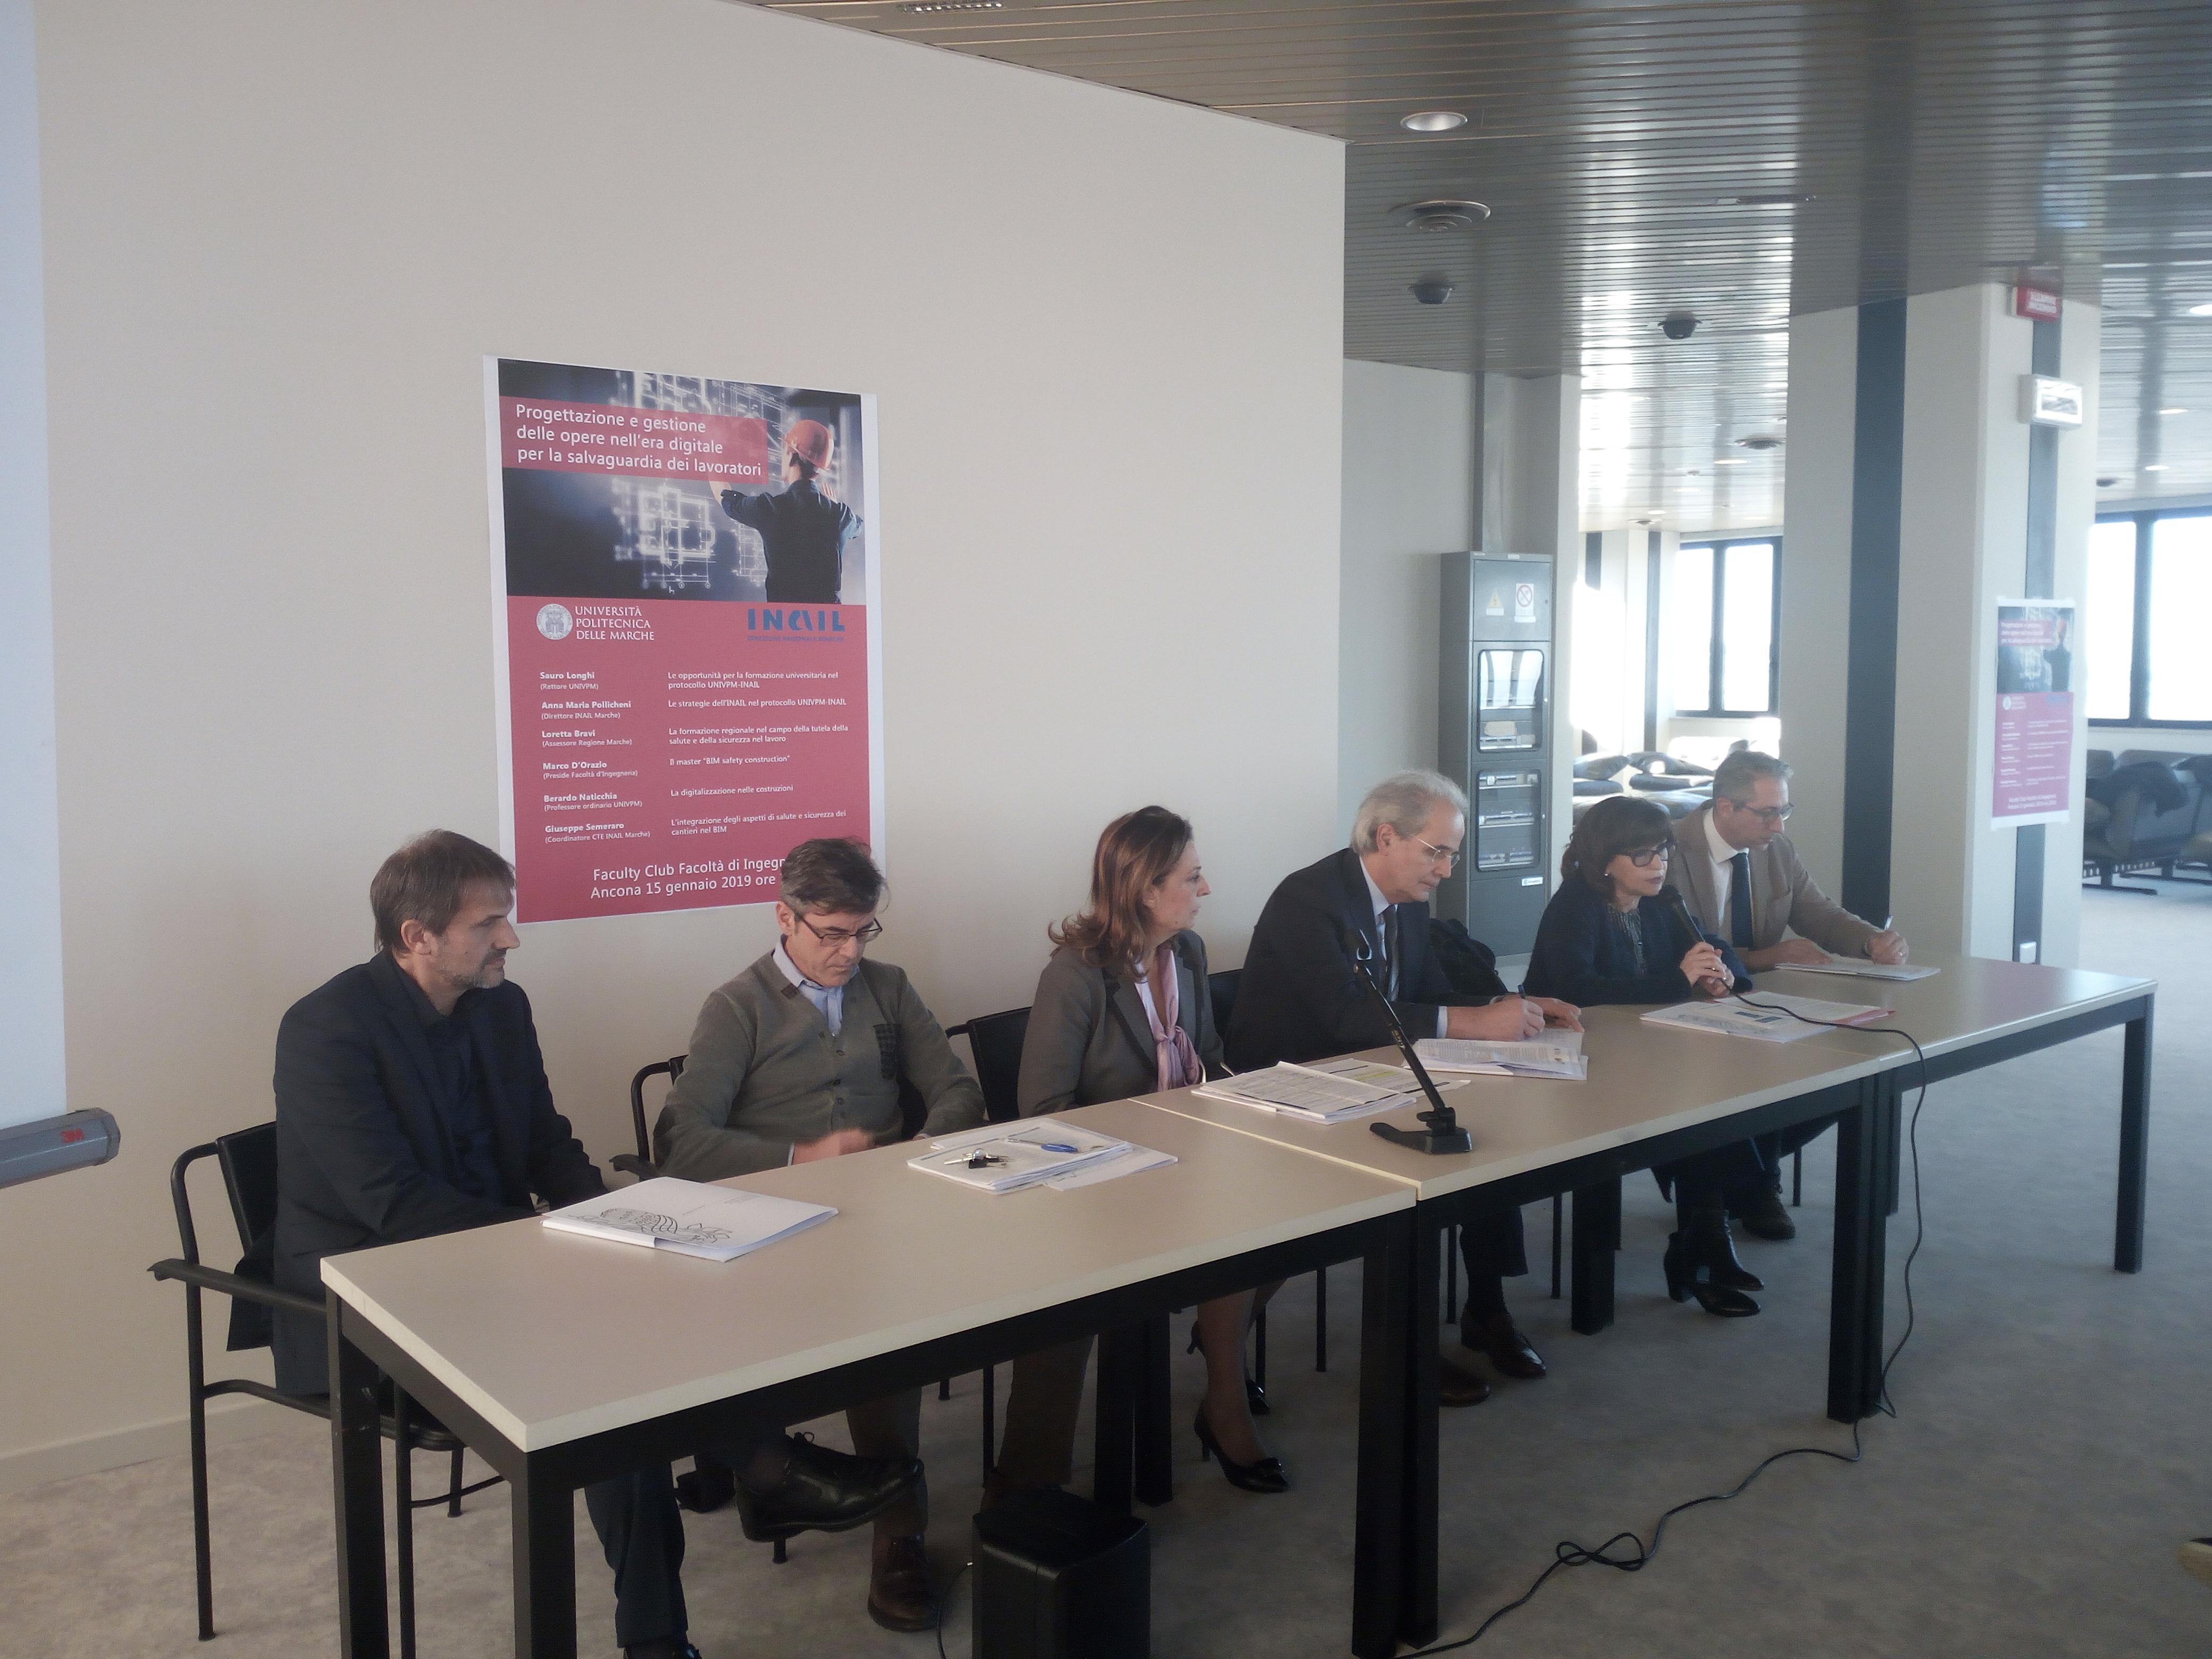 Presentazione del Protocollo Inail-Univpm presso il Faculty Club della Politecnica.